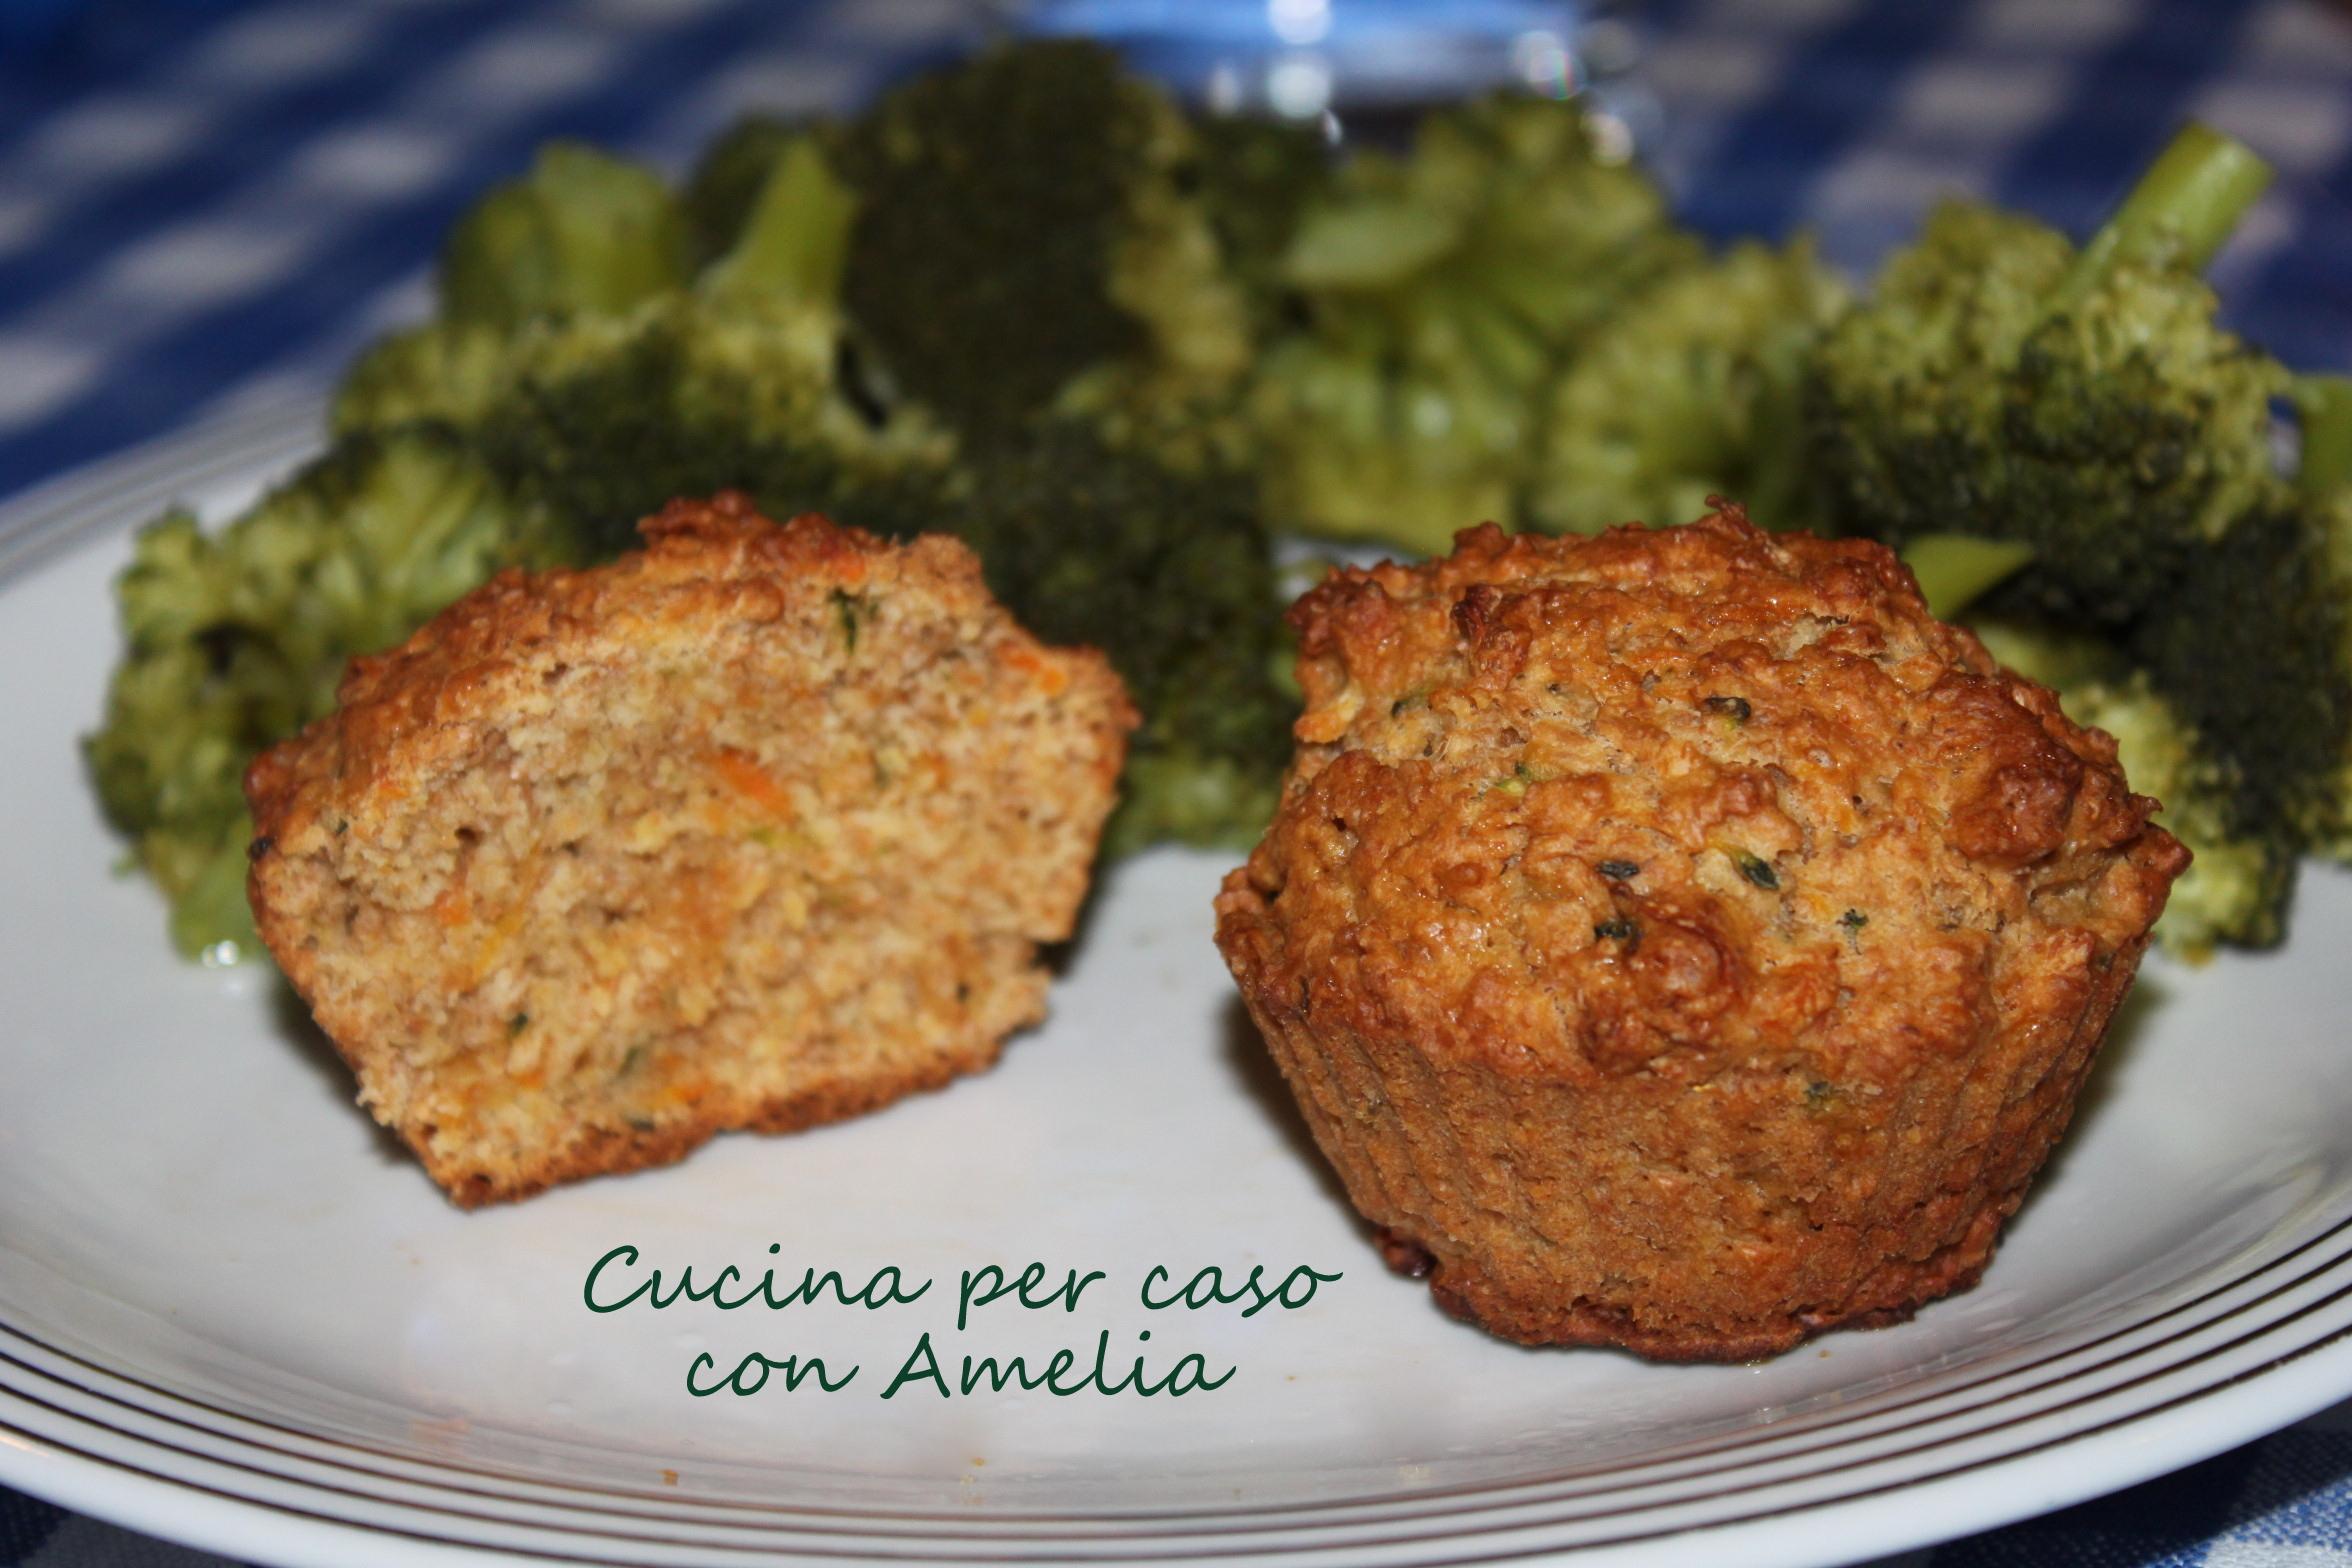 Cupcake salati ricetta vegetariana cucina per caso con amelia - Una vegetariana in cucina ...